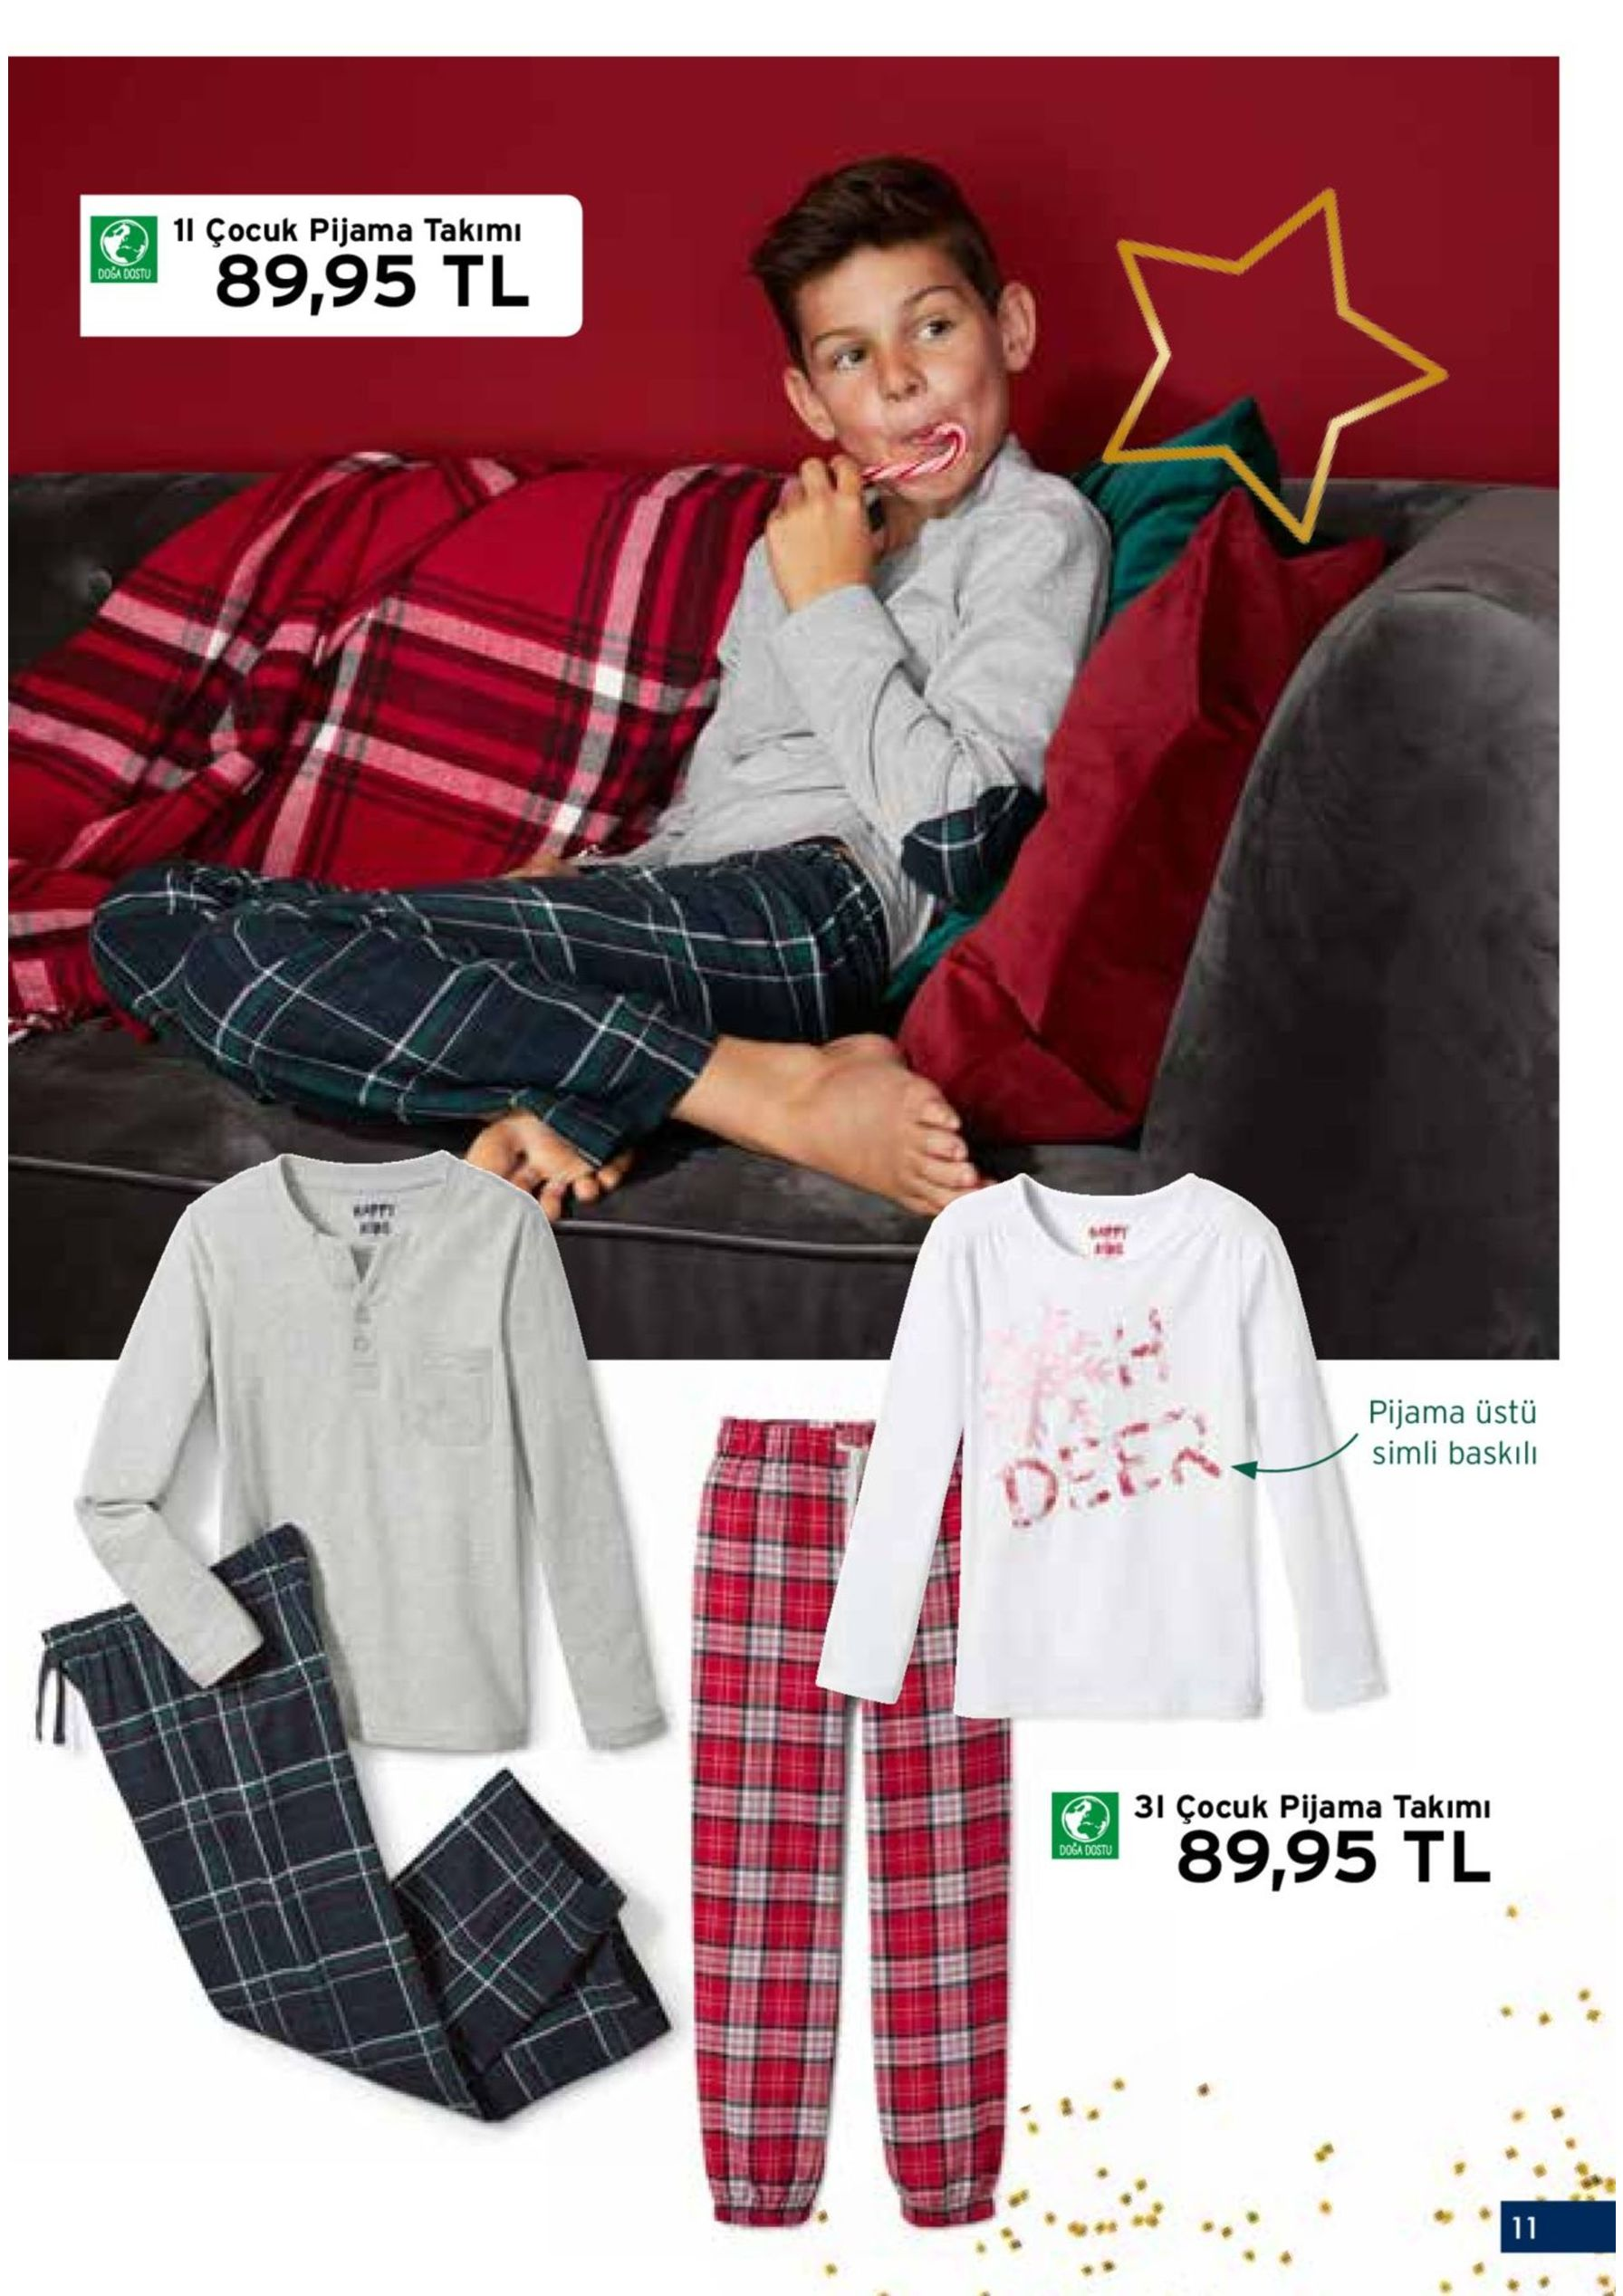 yumuşacik 1i çocuk pijama takımı ve konforlu 89,95 tl 2i rahat çocuk tulumu 139,95 tl pijama üstü simli baskılı 1| çocuk pijama takımı pijama üstü düğme şeritli, göğüs cepli ve özel dirsek bölgeli. pijama altı lastikli belli. %100 pamuklu (cotton made in africa). 110/116 – 170/176. telefon sipariş kodu: 92939 2| rahat çocuk tulumu çene korumalı fermuarlı. kanguru cepli. %80 pamuklu (cotton made in africa), %20 polyester. 110/116 – 170/176. bordo, lacivert. telefon sipariş kodu: 92940 3i çocuk pijama takımı 3| çocuk pijama takımı büzgülü omuzlu. pijama altı lastikli belli. pijama üstü %95 pamuklu 89,95 tl (cotton made in africa), %5 elastan. pijama altı %100 pamuklu (cotton made in africa). 110/116 – 170/176. telefon sipariş kodu: 92938 sadece seçili mağazalarımızda satılmaktadır 10 11